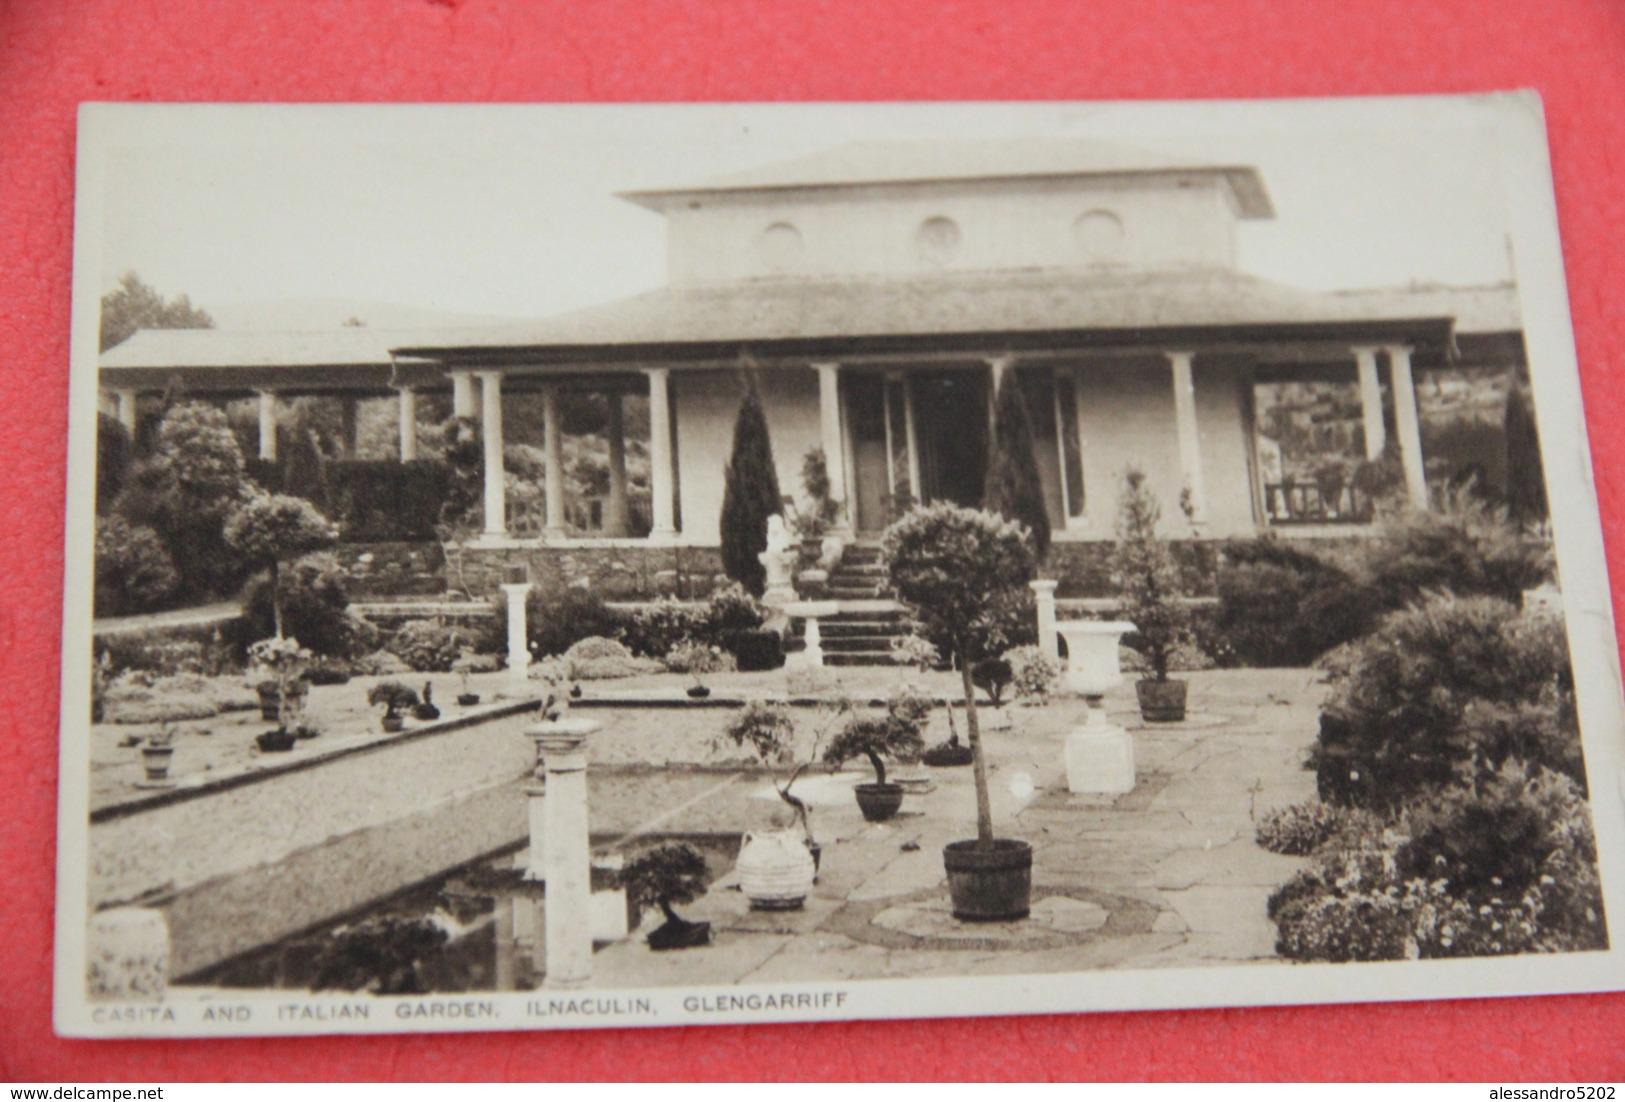 Ireland Glengarriff Casita And Italian Garden NV - Other